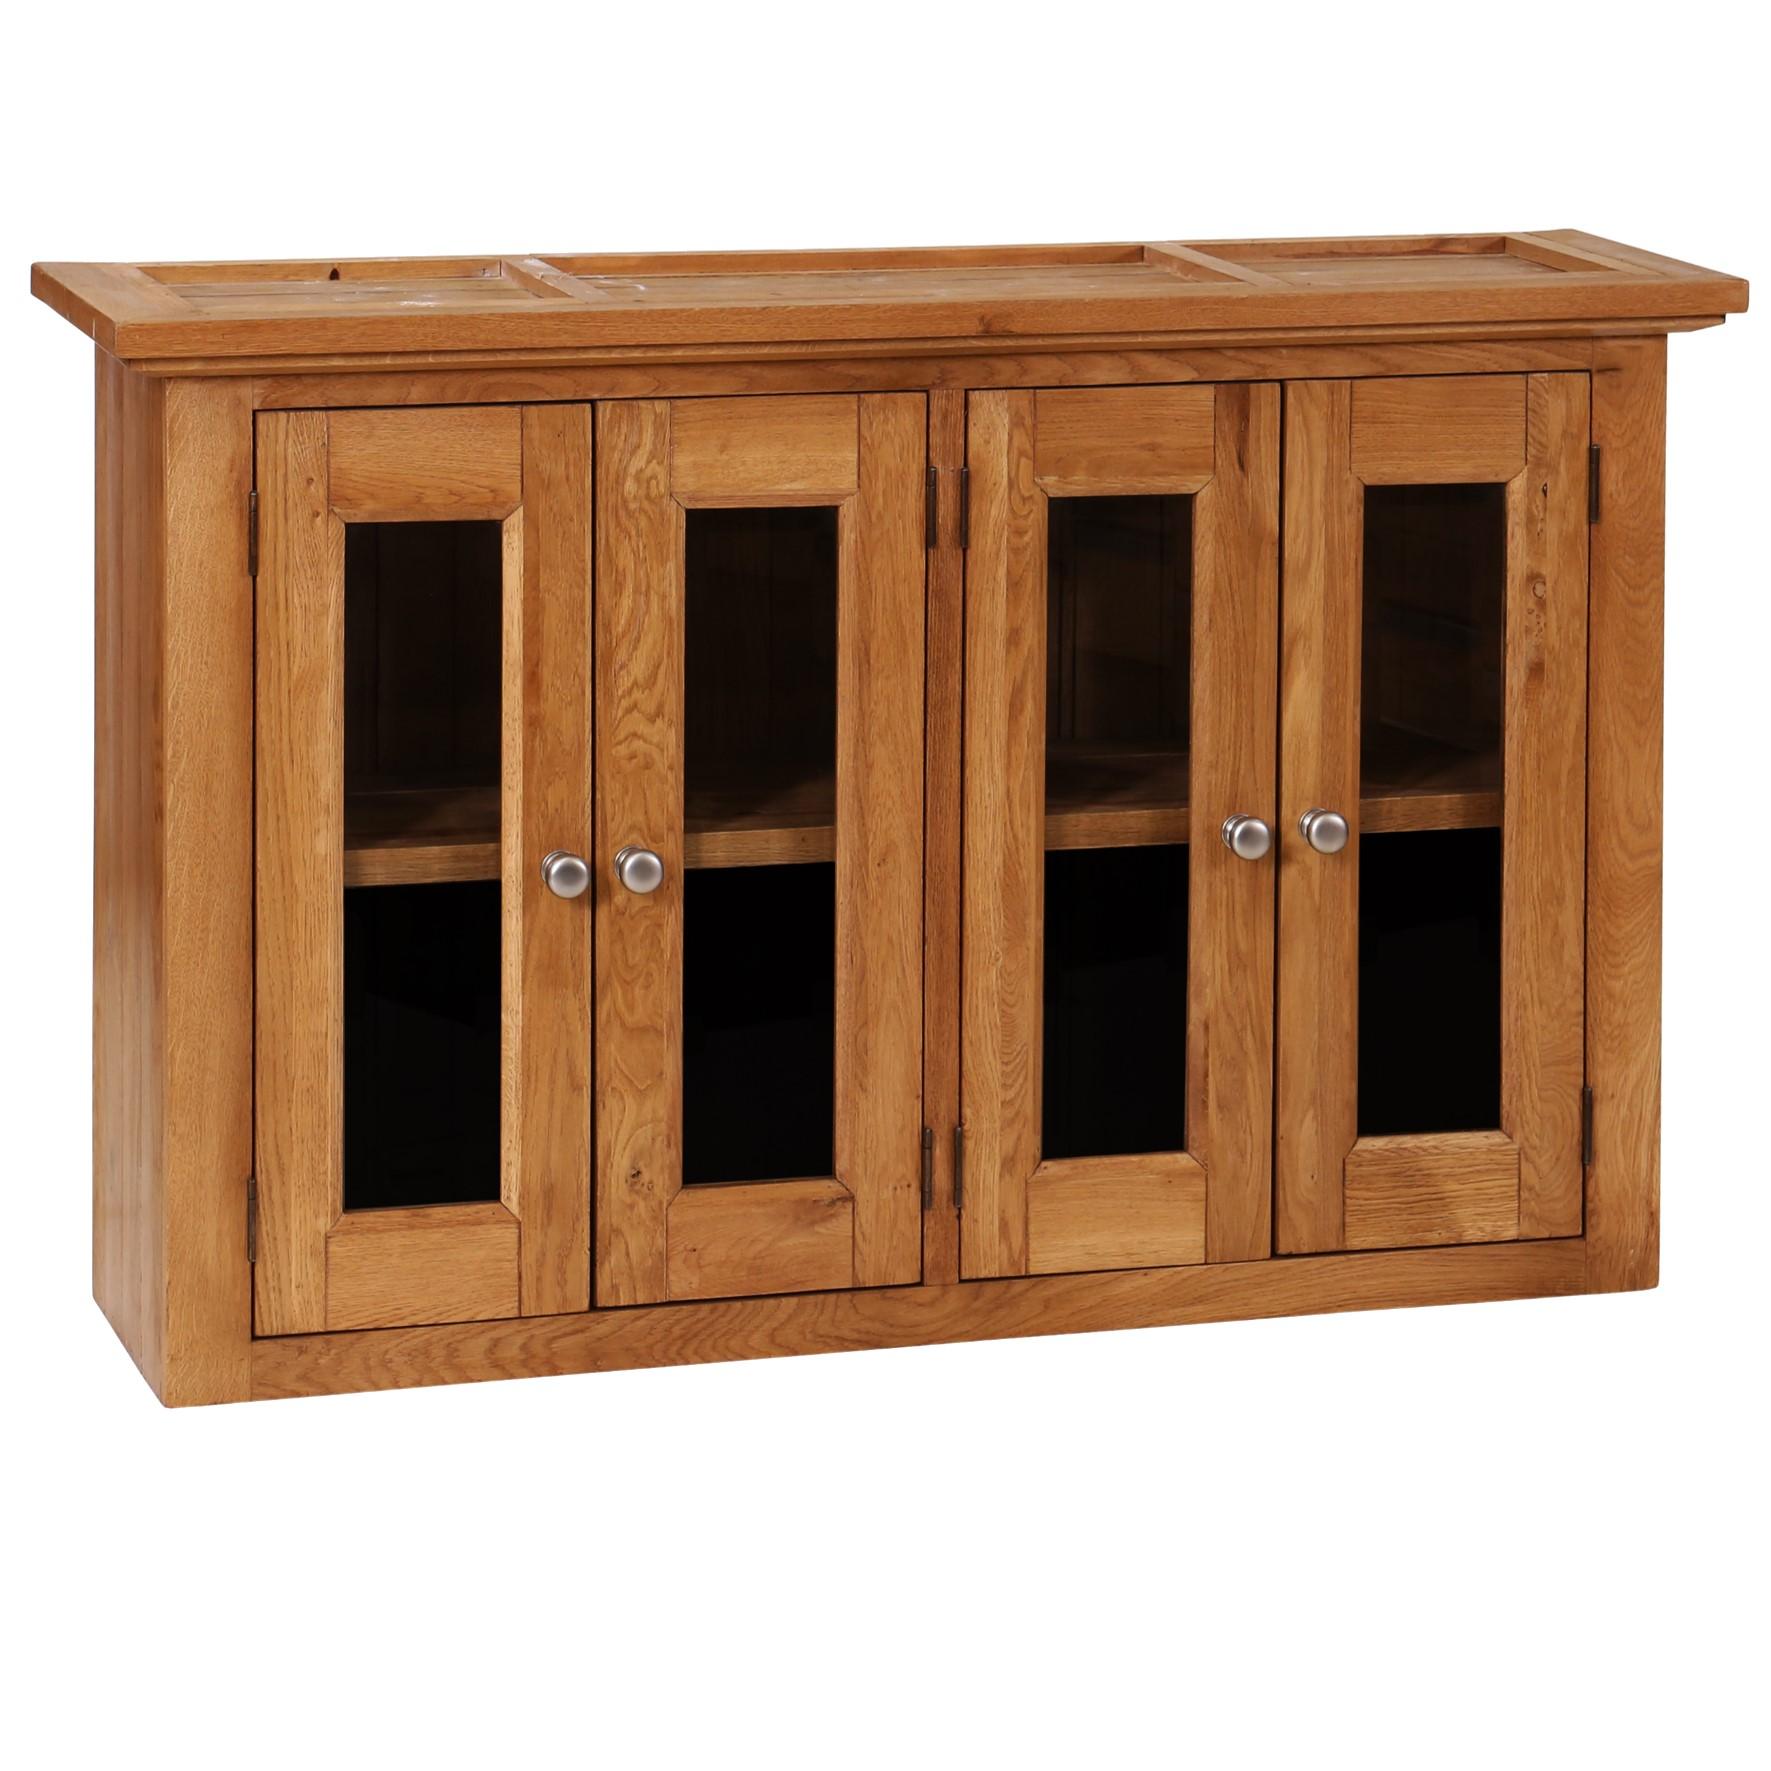 Avelyn Wall Unit-2 Shelves & 4 Glass Doors